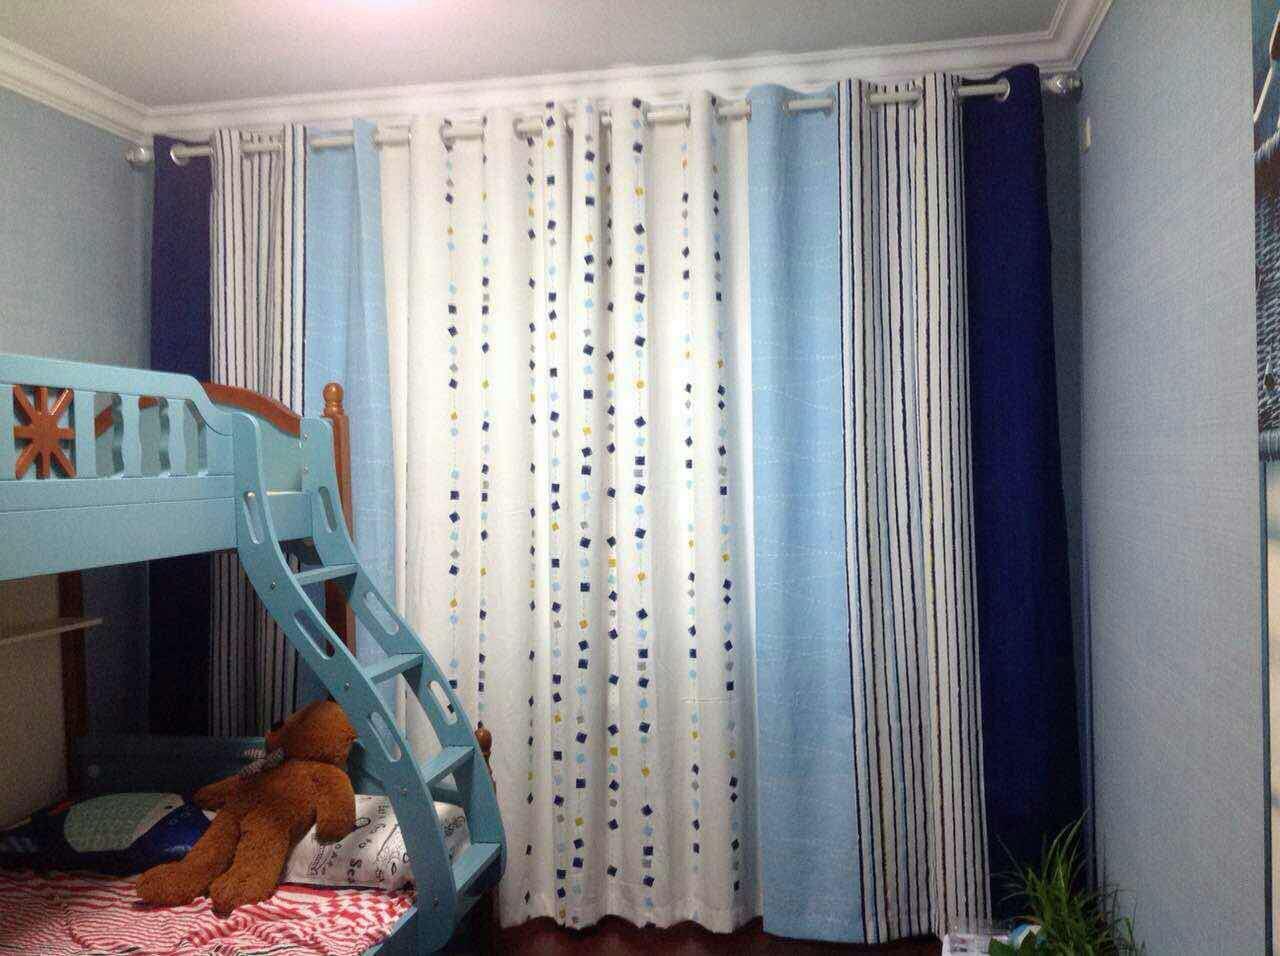 襄阳天贸城遮阳帘窗帘批发价格,襄阳和心布艺精致产品